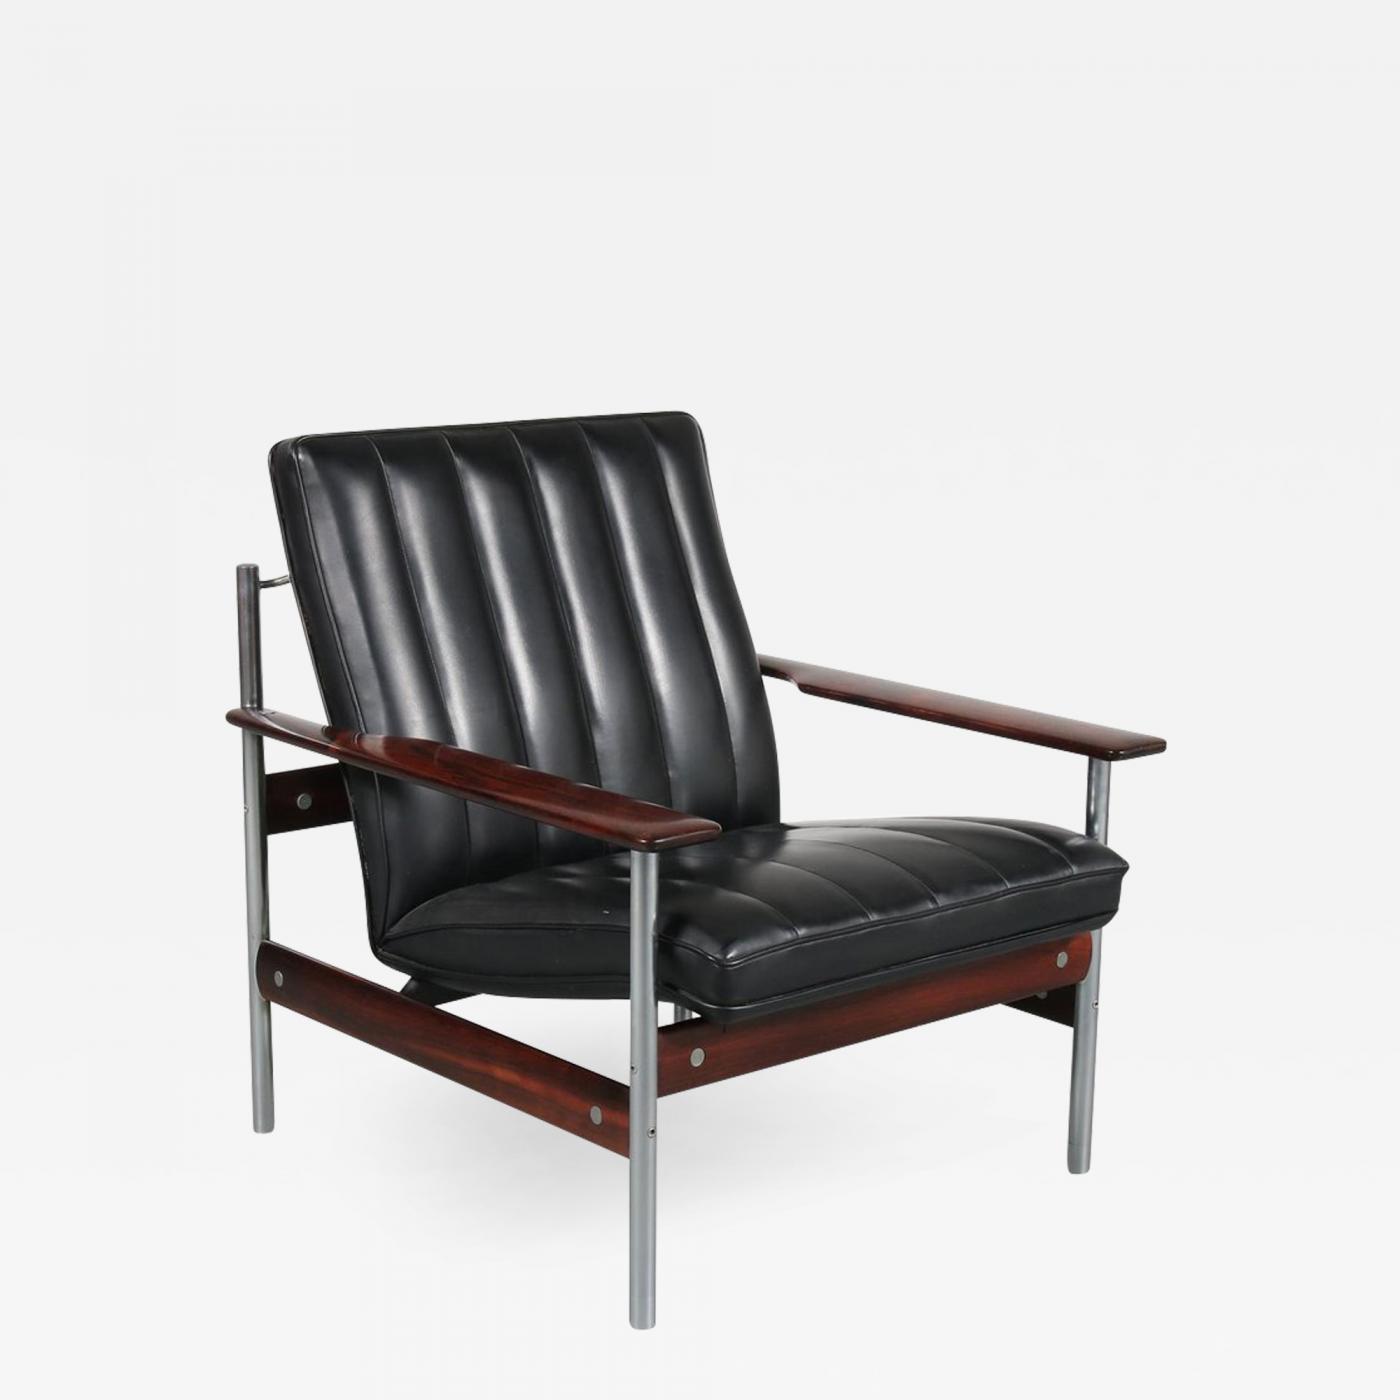 Sensational Sven Ivar Dysthe Sven Ivar Dysthe 1001 Af Original Lounge Chair For Dokka Mobler Norway 1959 Ibusinesslaw Wood Chair Design Ideas Ibusinesslaworg